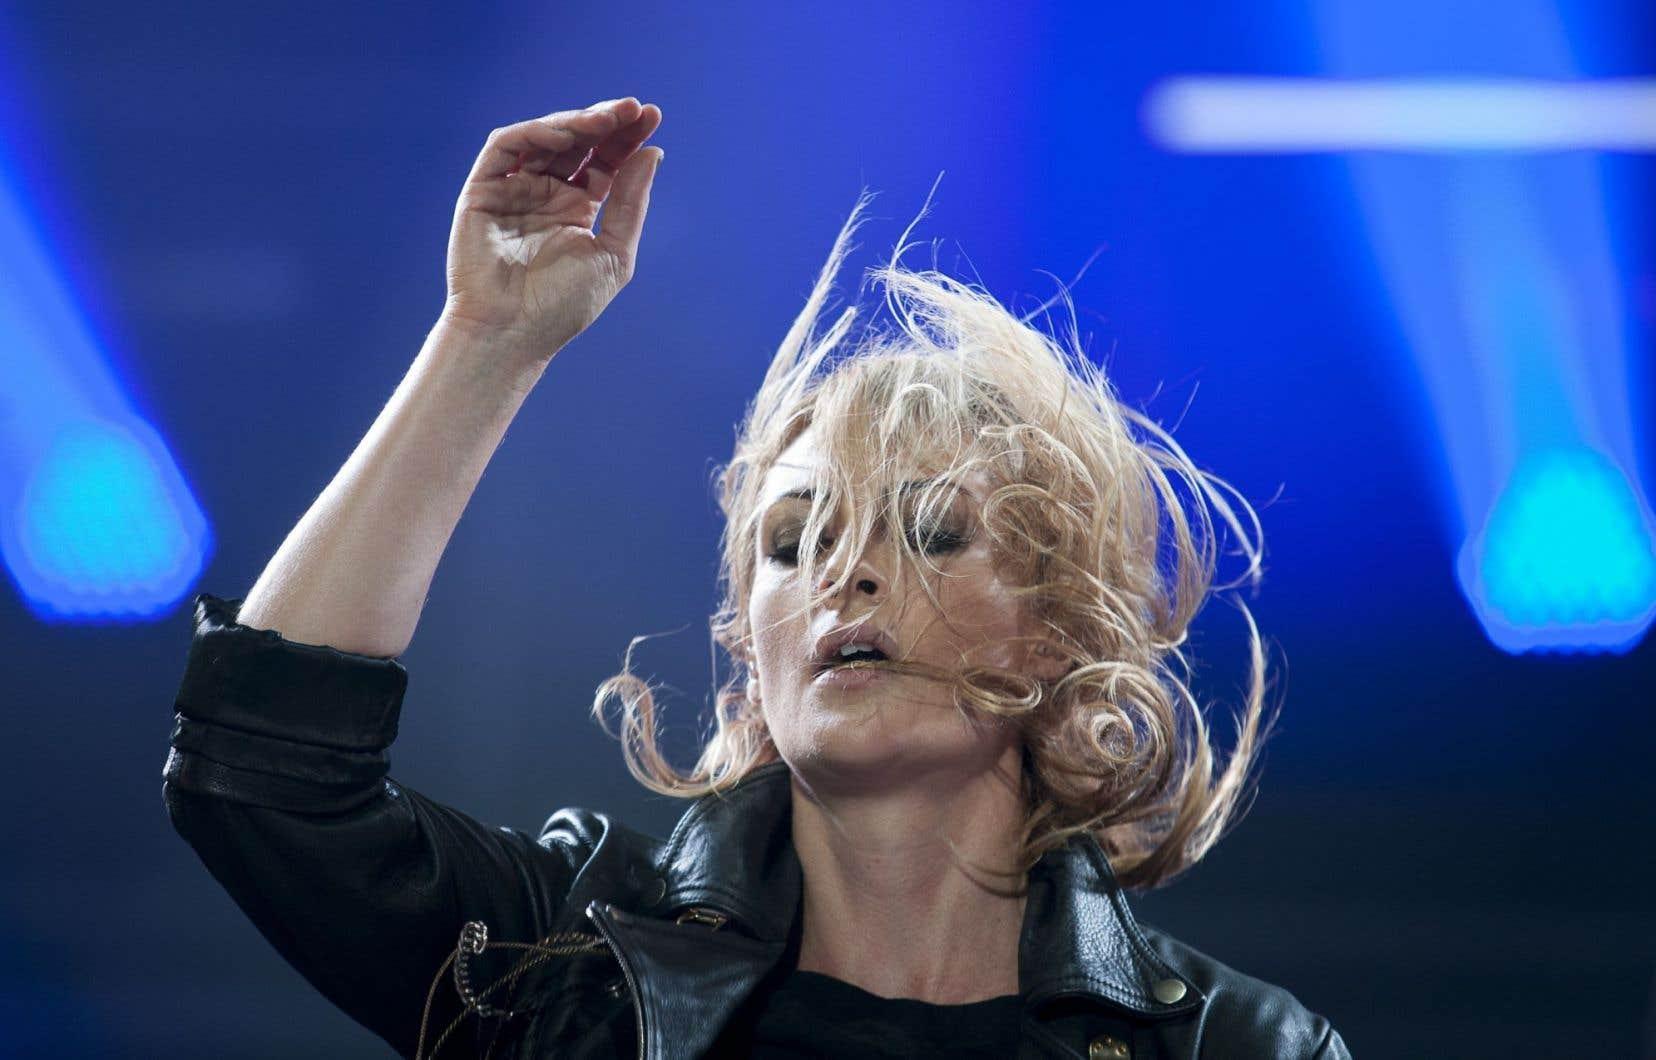 Le groupe canadien Metric sera l'une des têtes d'affiche du concert, en septembre.